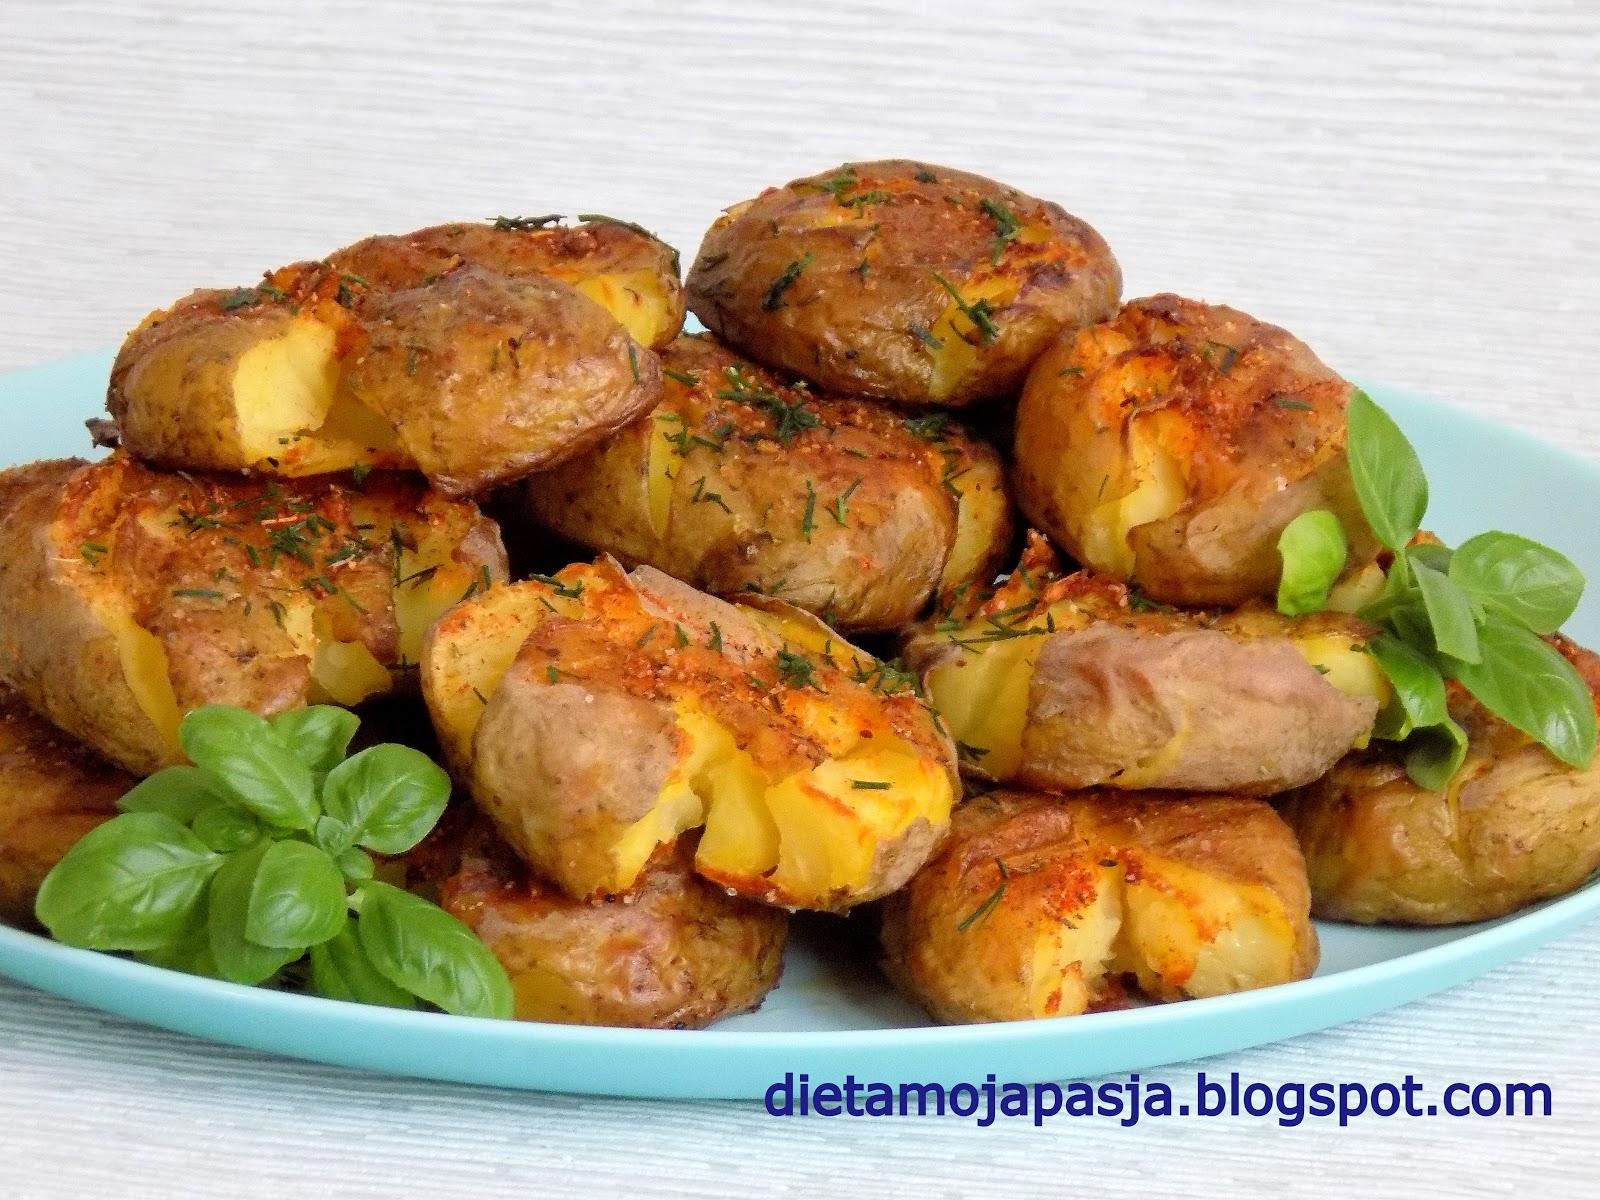 Ziemniaki gniecione czyli ziemniaki australijskie